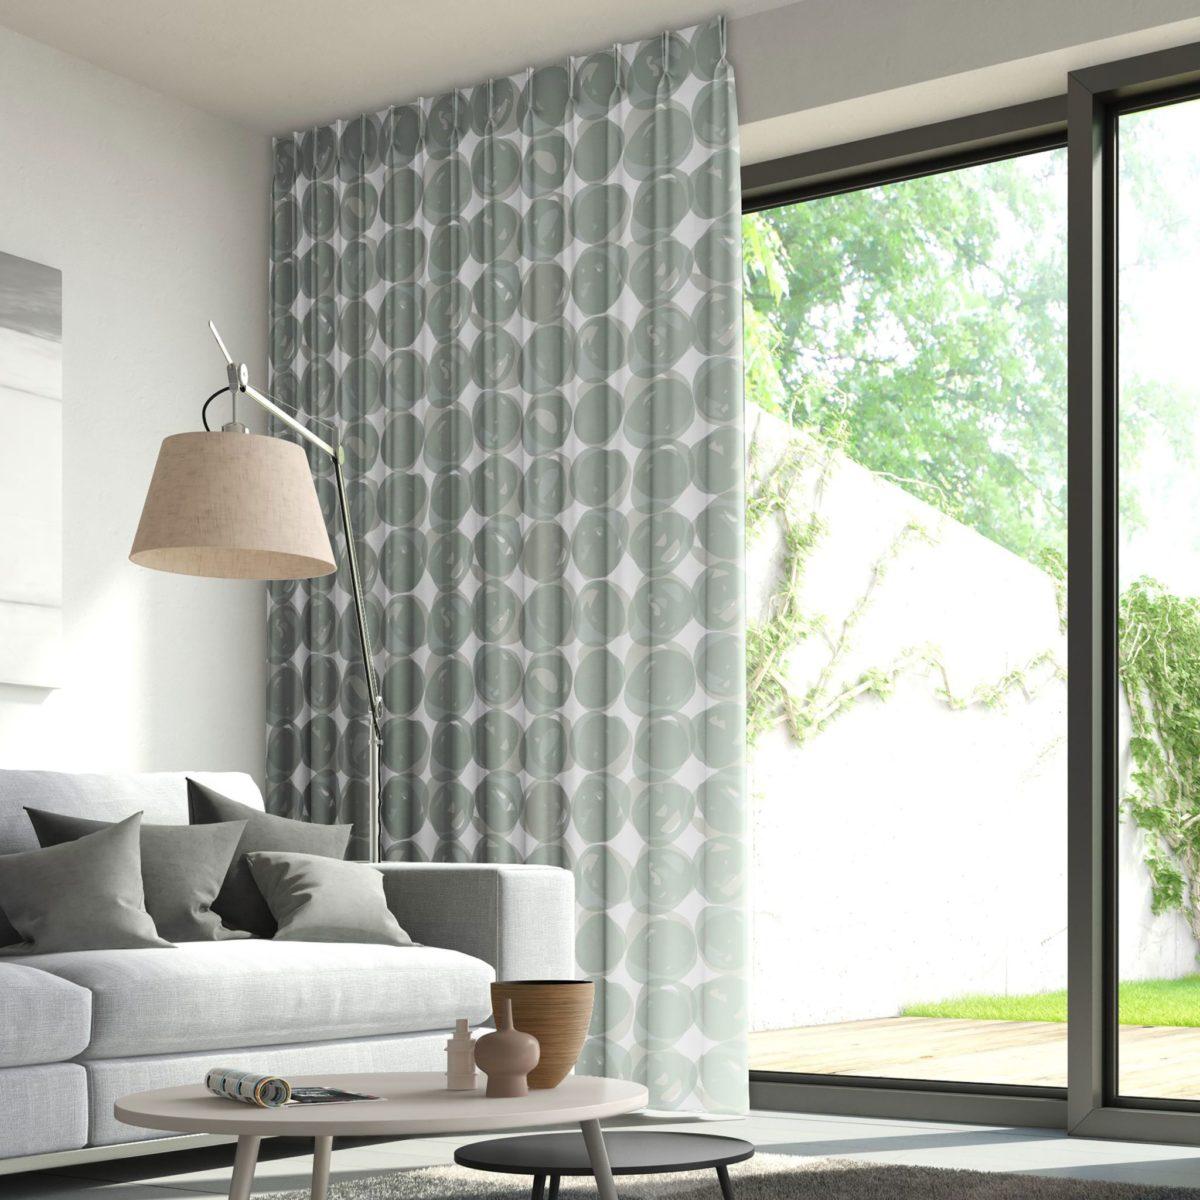 Ploeg gordijnen in between vitrage stoffen collectie 0104440008 dot 08 001 room